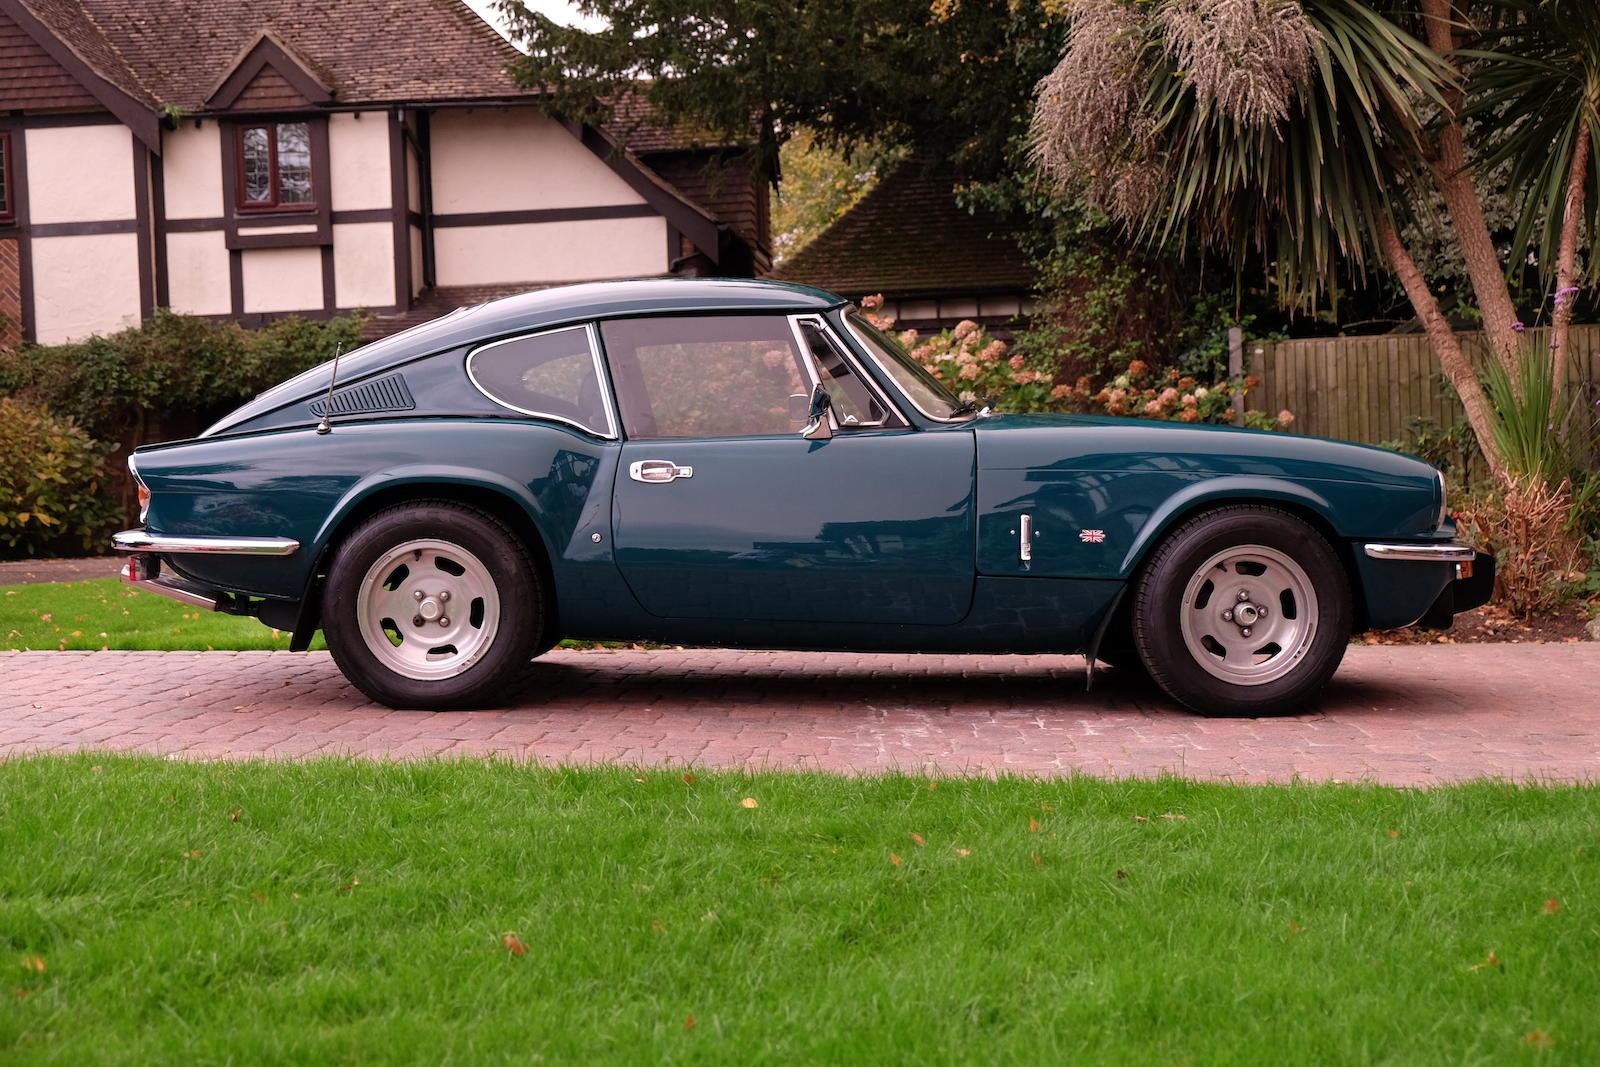 1972 Triumph GT6 Mk III Coupé side profile